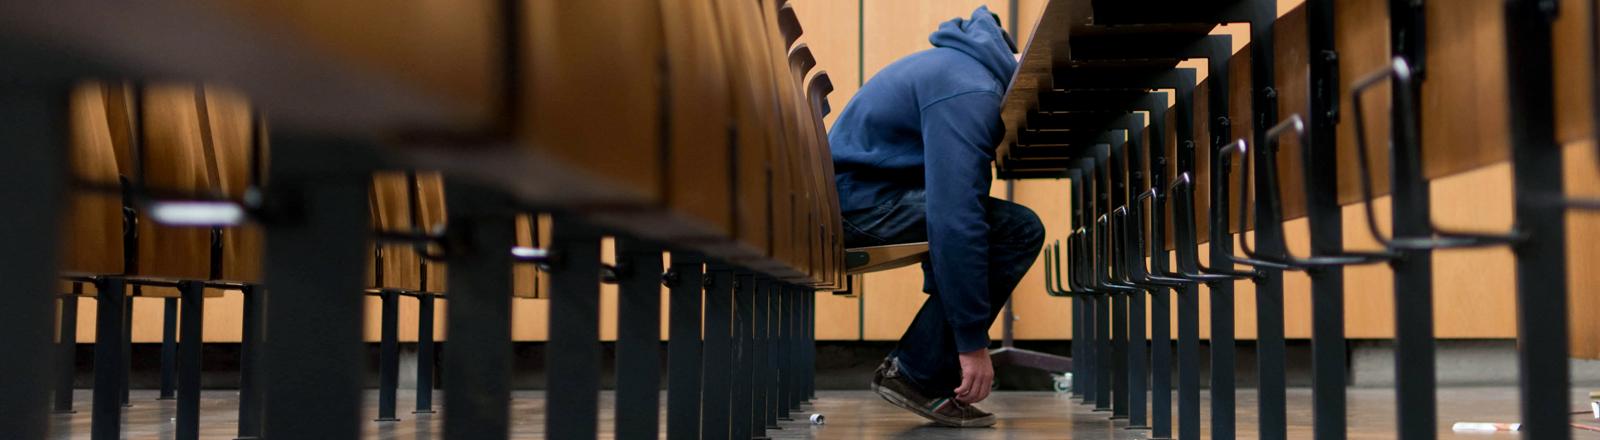 Ein Student sitzt erschöpft in einem Hörsaal.